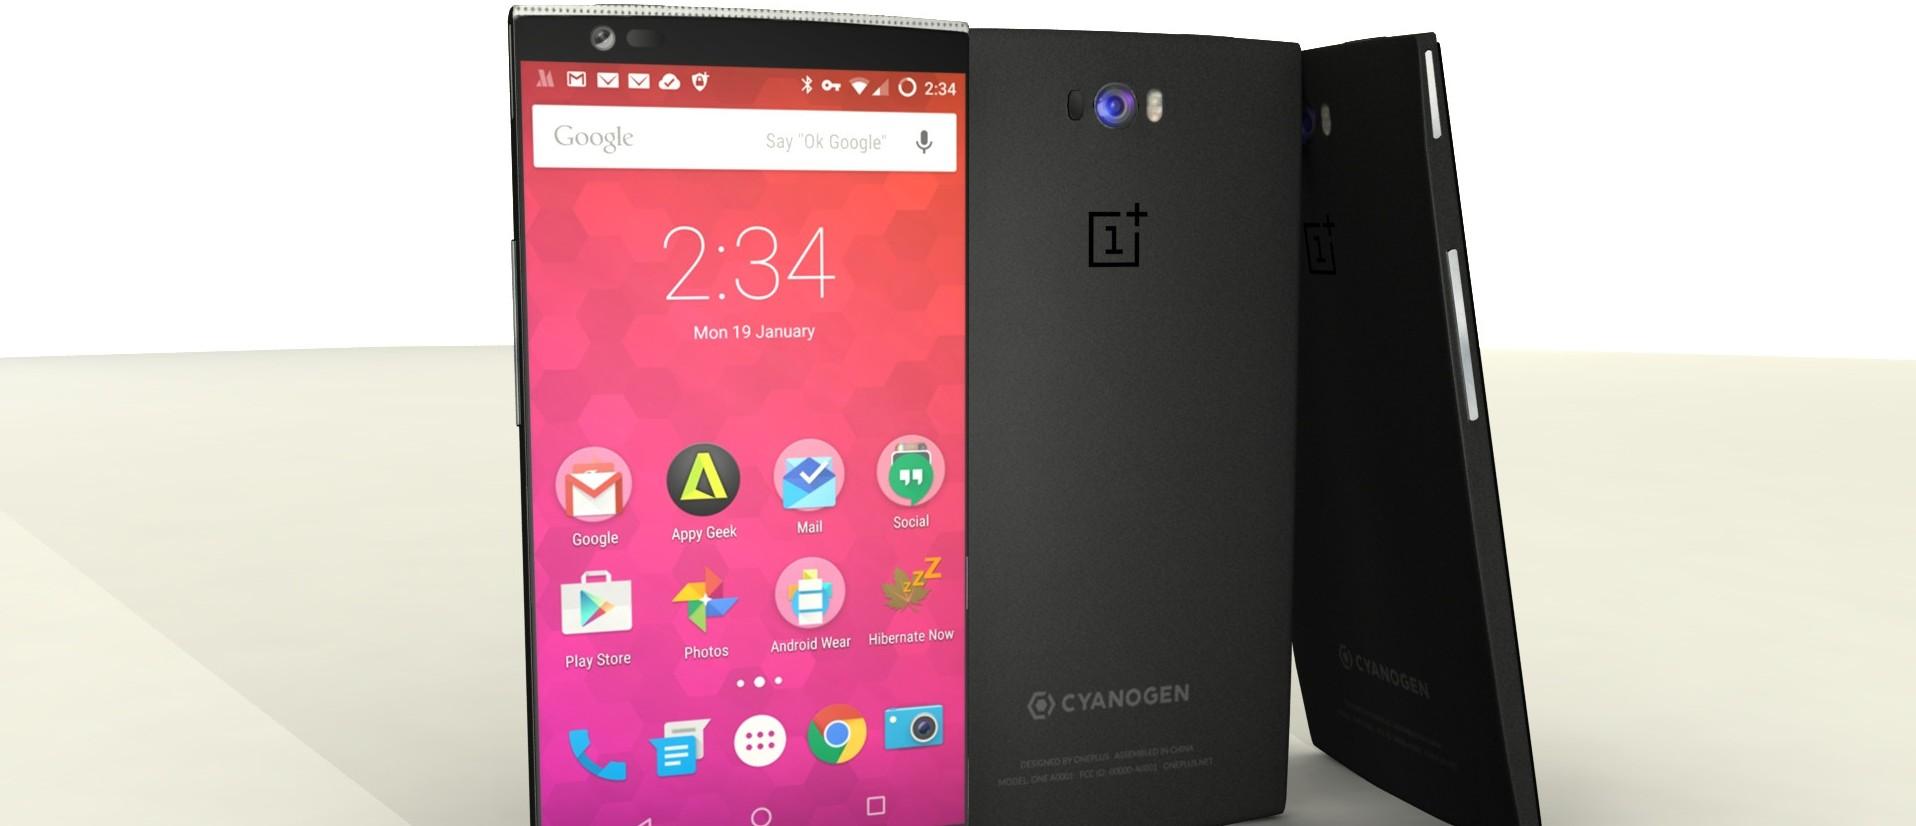 El OnePlus Two hace uso de un Snapdragon 810 muy capado